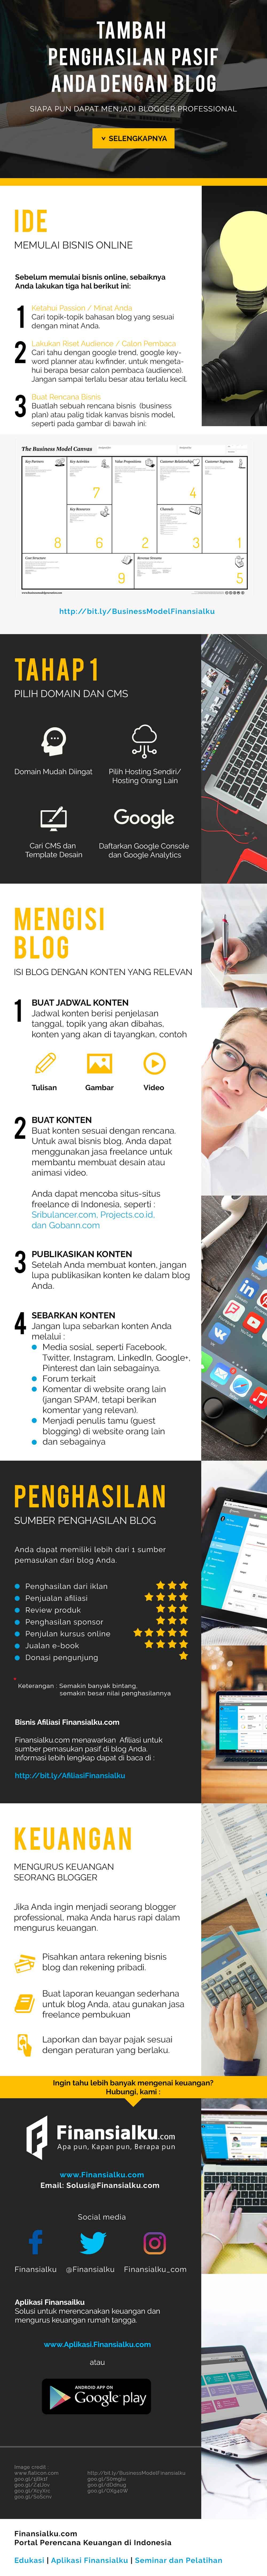 Infografis: Memulai Usaha Rumahan Bisnis Online dengan Menjadi Seorang Blogger